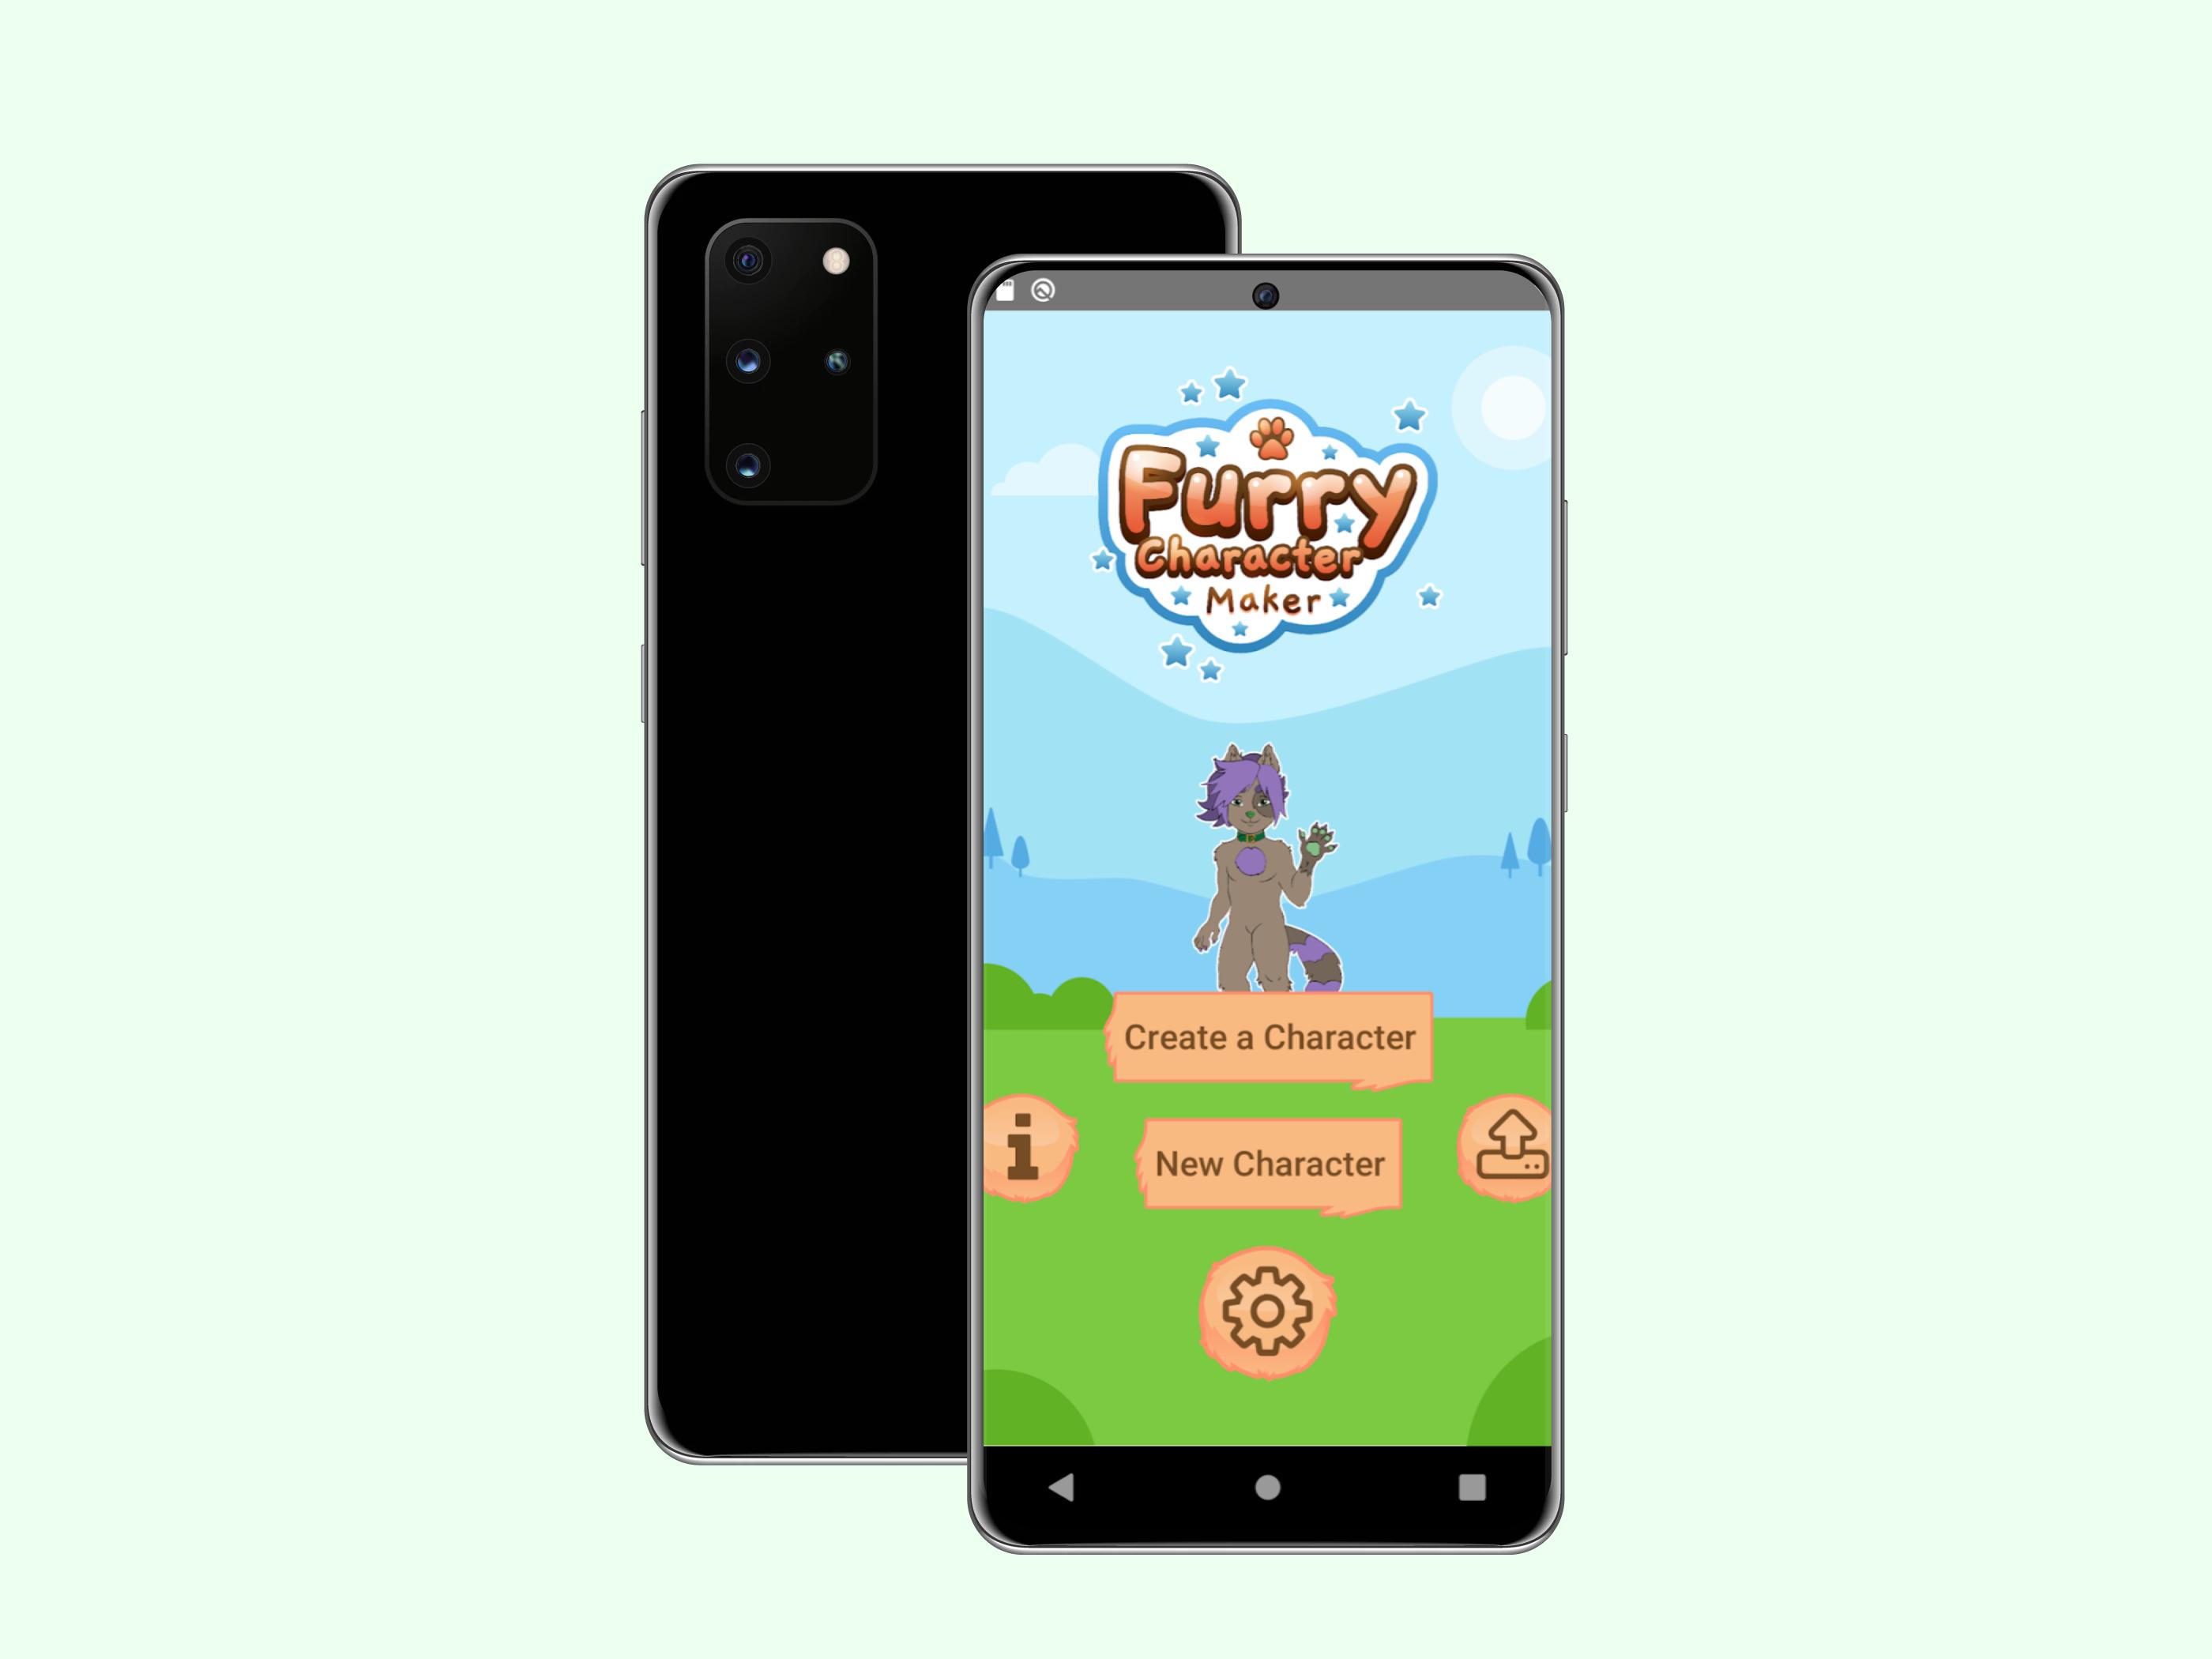 Furry Character Maker app Start Screen